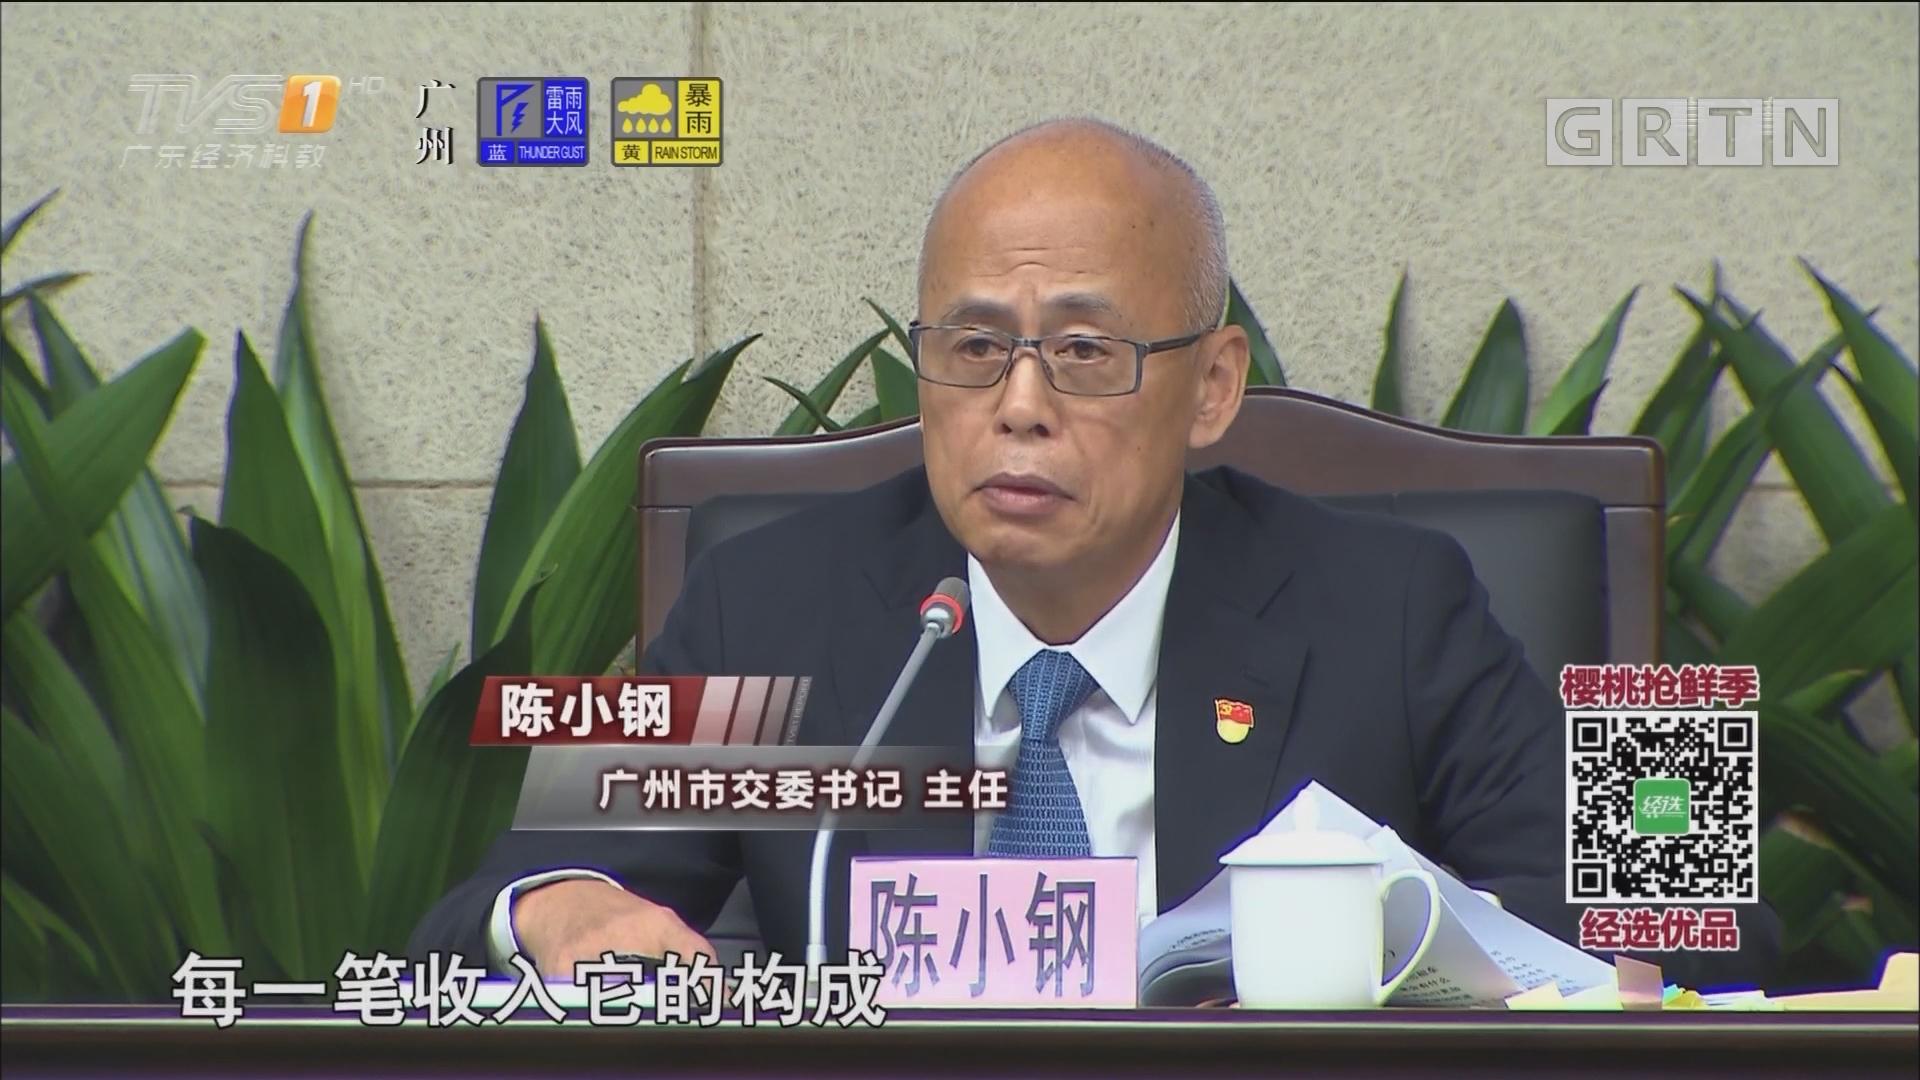 广州市交委发布工作计划 调价并不能完全治理出租车乱象